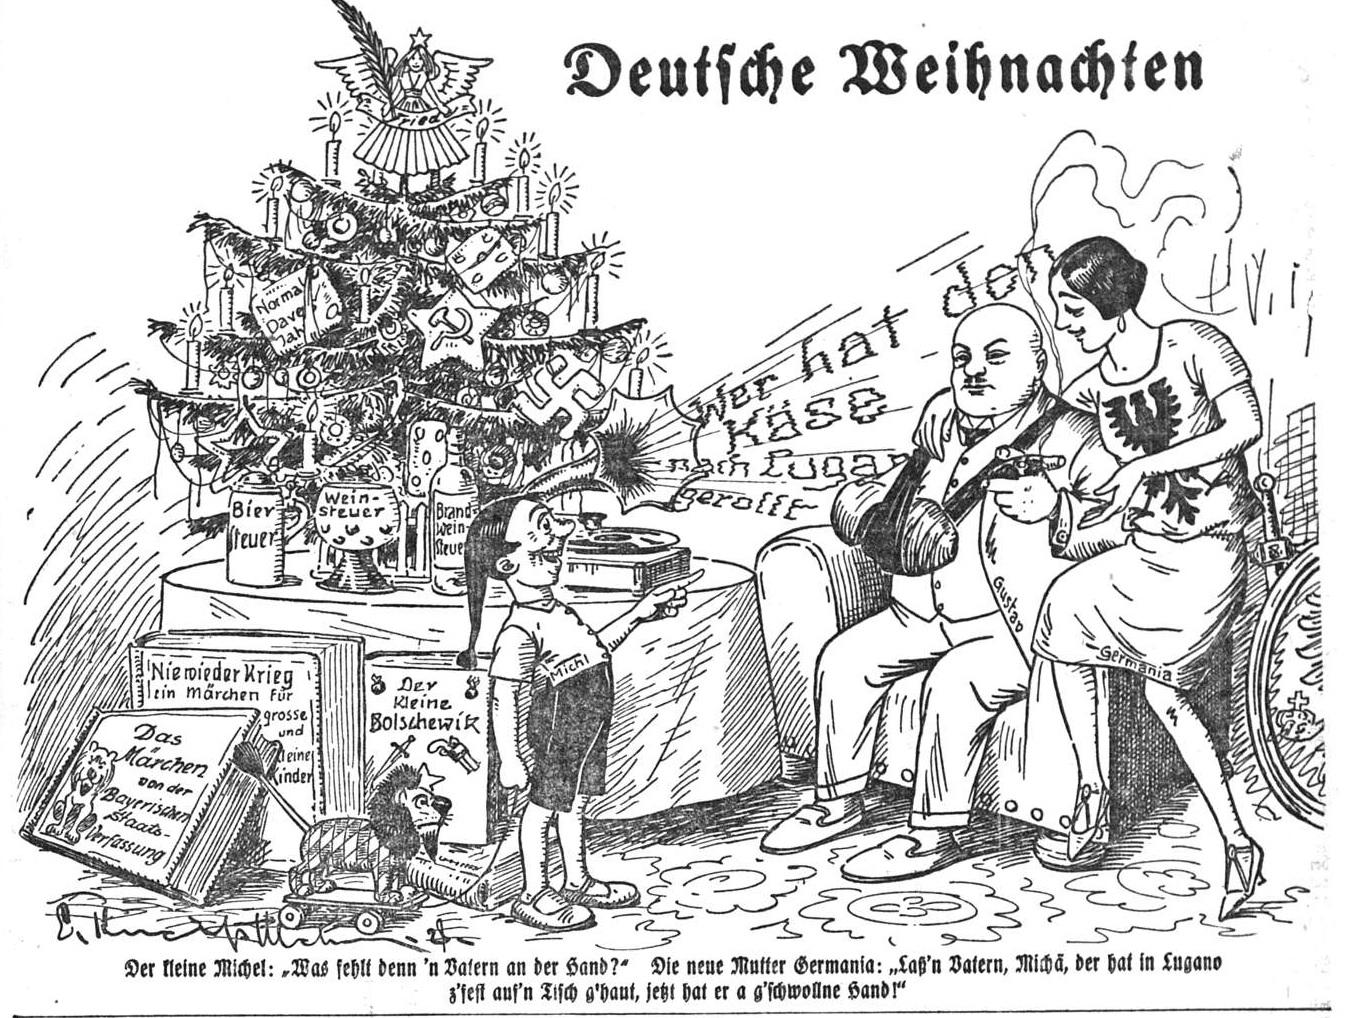 Bild: Deutsche Weihnachten (Stresemann mit verbundener Hand)